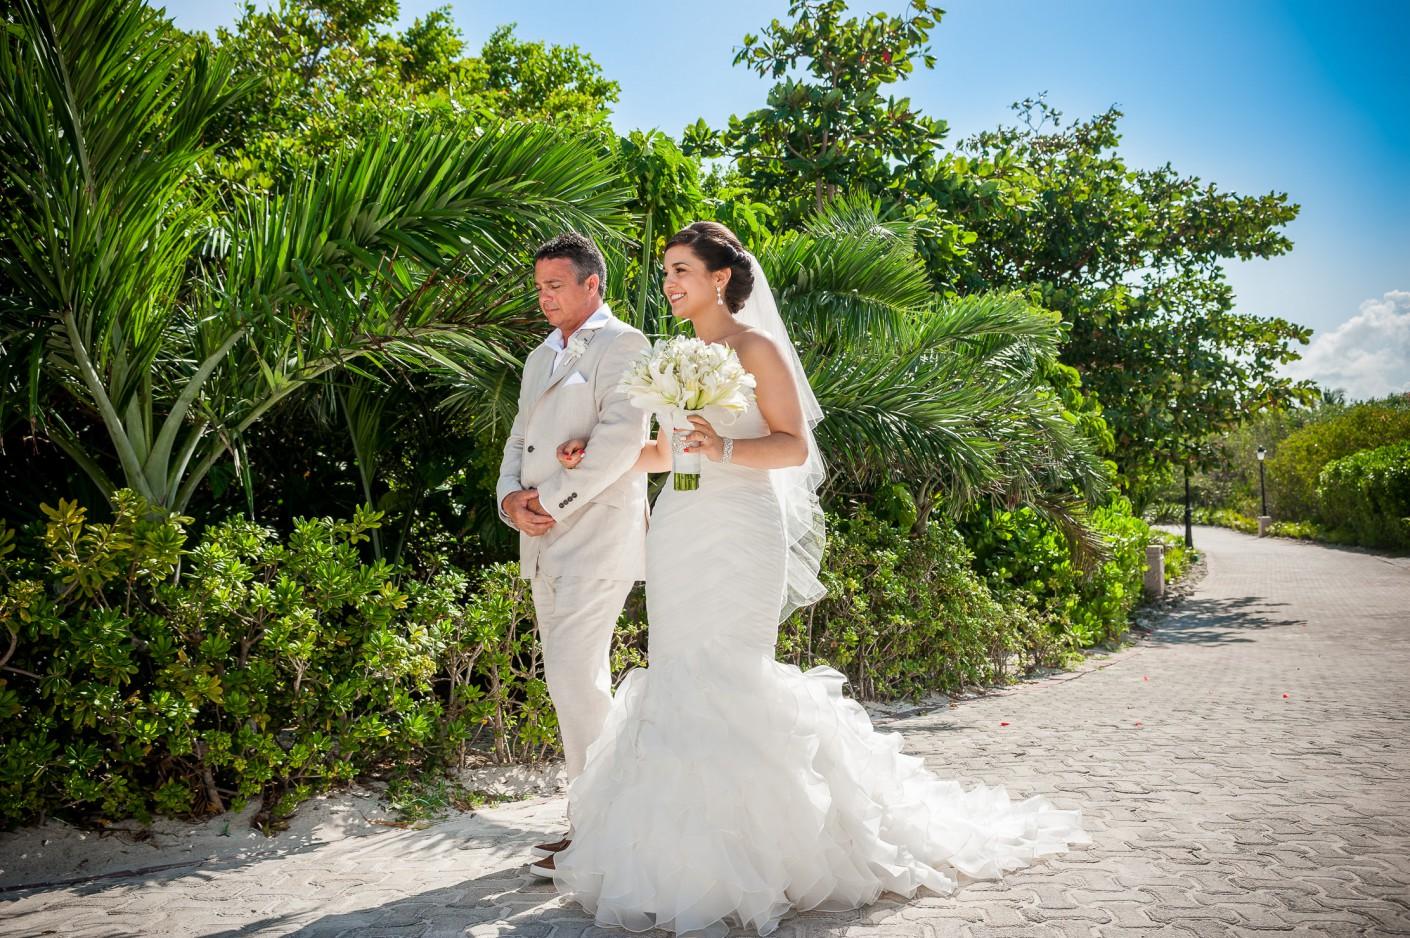 Mariage Destination : L'Approche de la mariée -, KW: 3-Cérémonie, Mexique